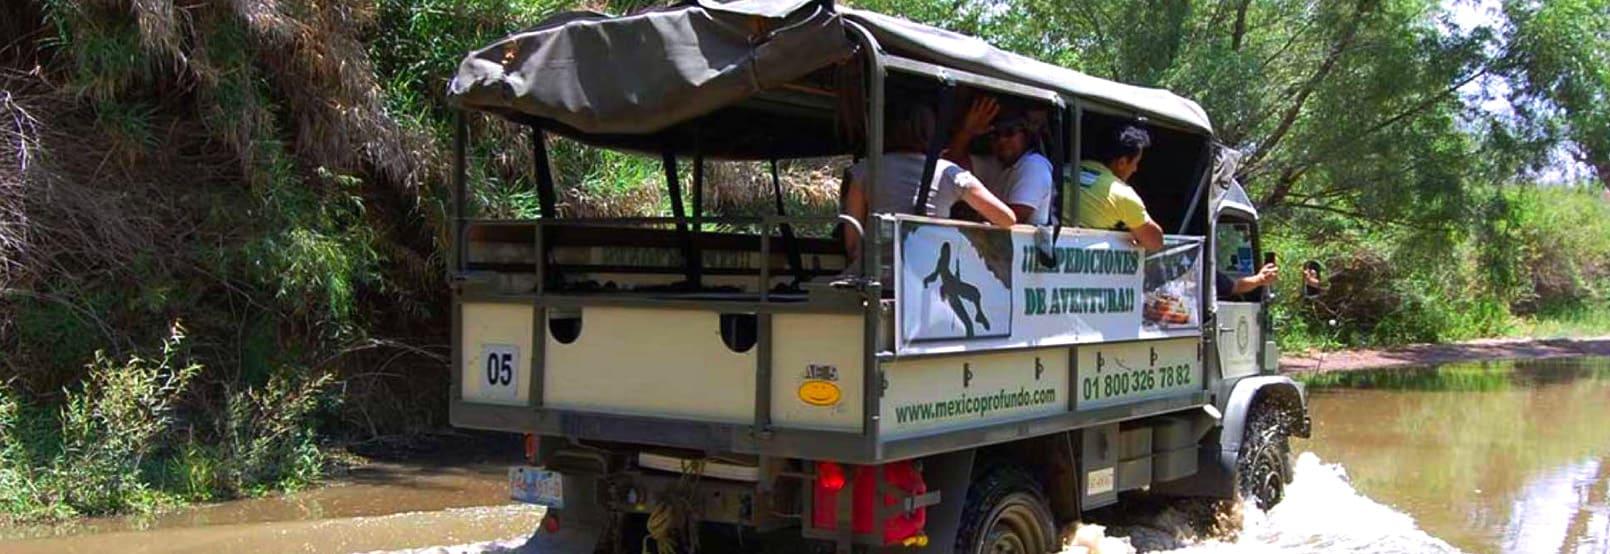 Jeep Safari in Guanajuato